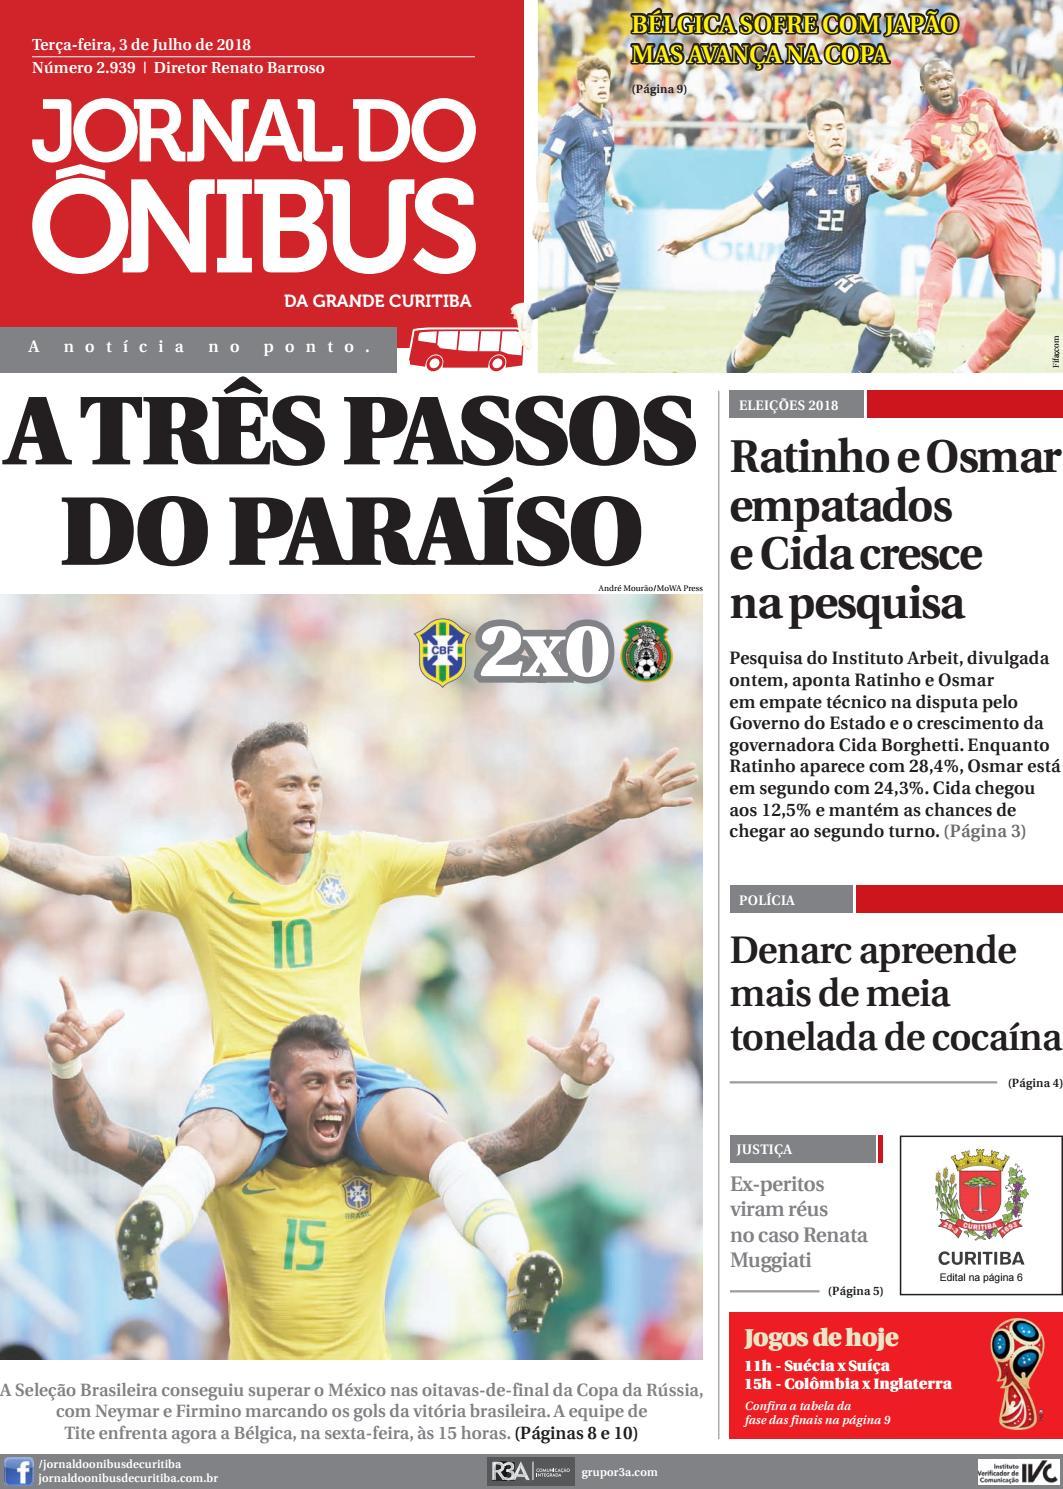 Jornal do Ônibus de Curitiba - 03 07 18 by Editora Correio Paranaense -  issuu 656ea7e1307b4